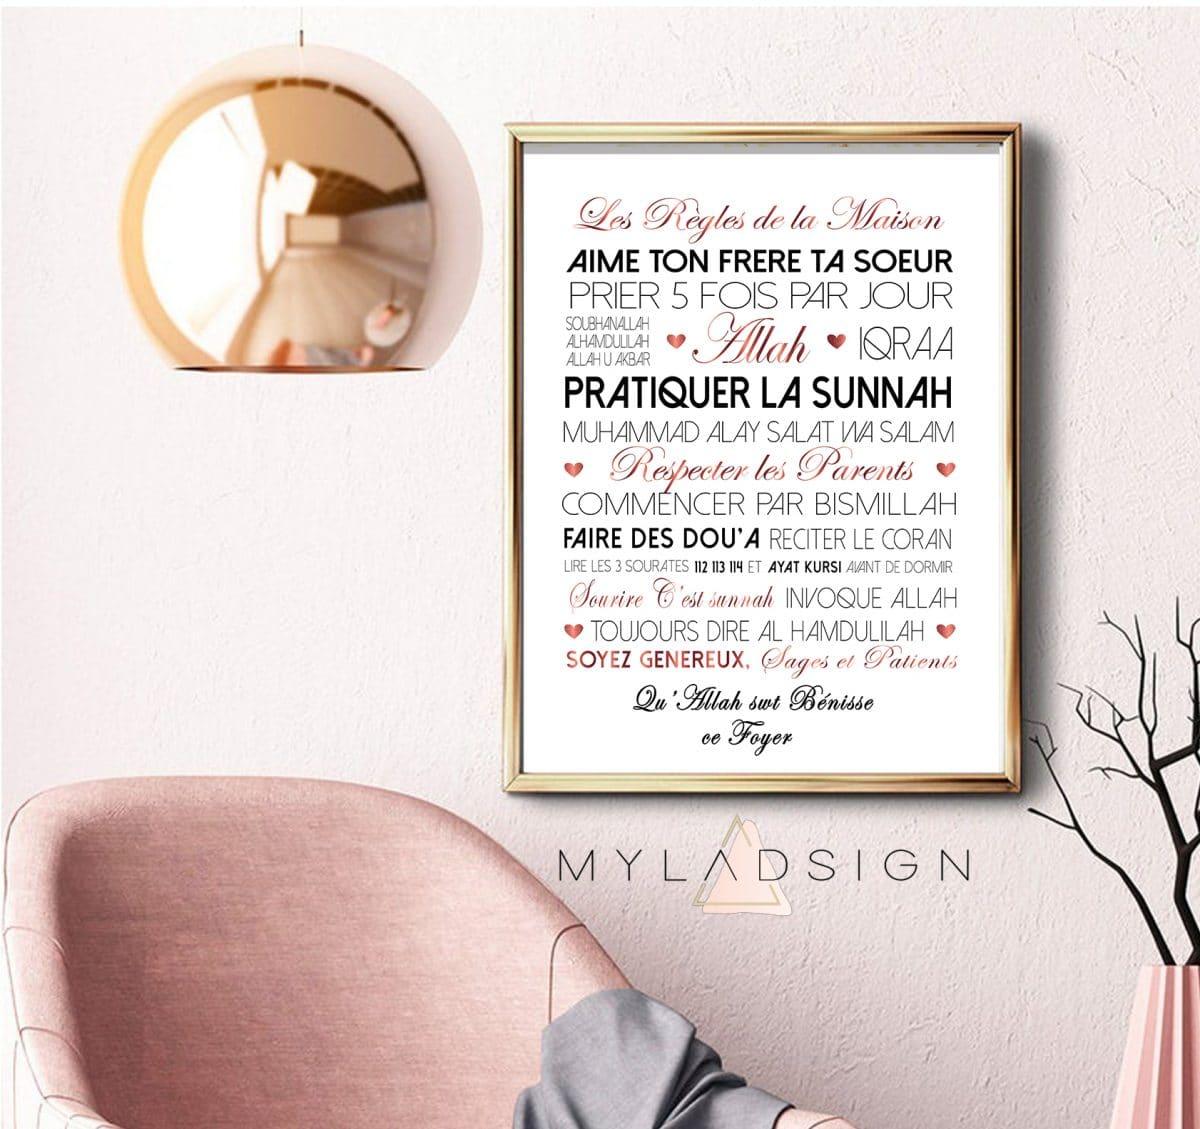 Les Regles De La Maison Myladsign